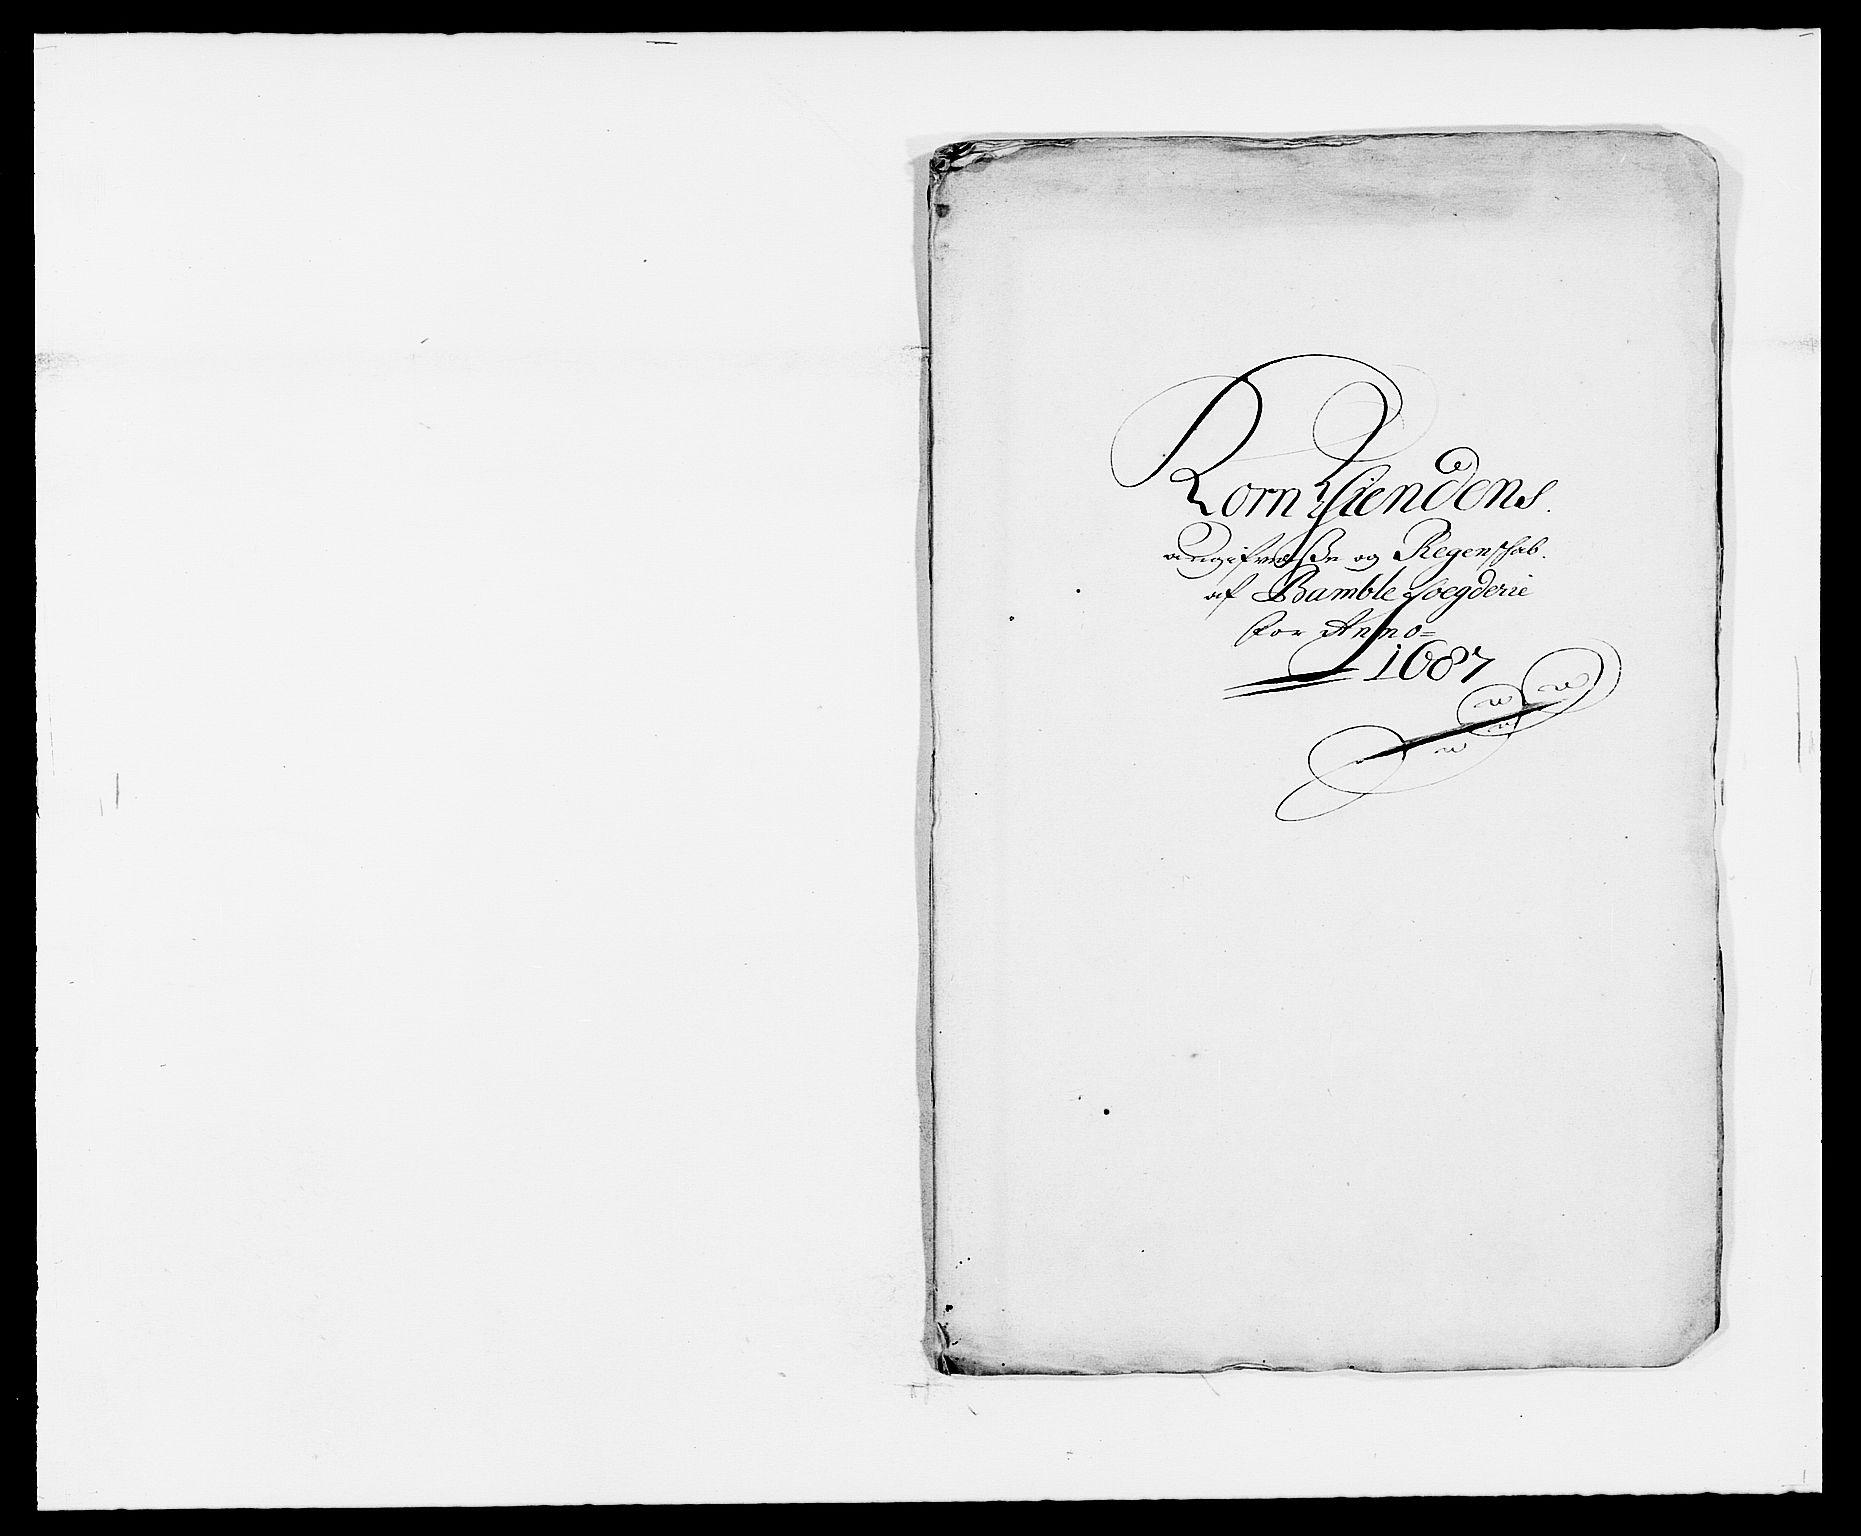 RA, Rentekammeret inntil 1814, Reviderte regnskaper, Fogderegnskap, R34/L2049: Fogderegnskap Bamble, 1685-1687, s. 259